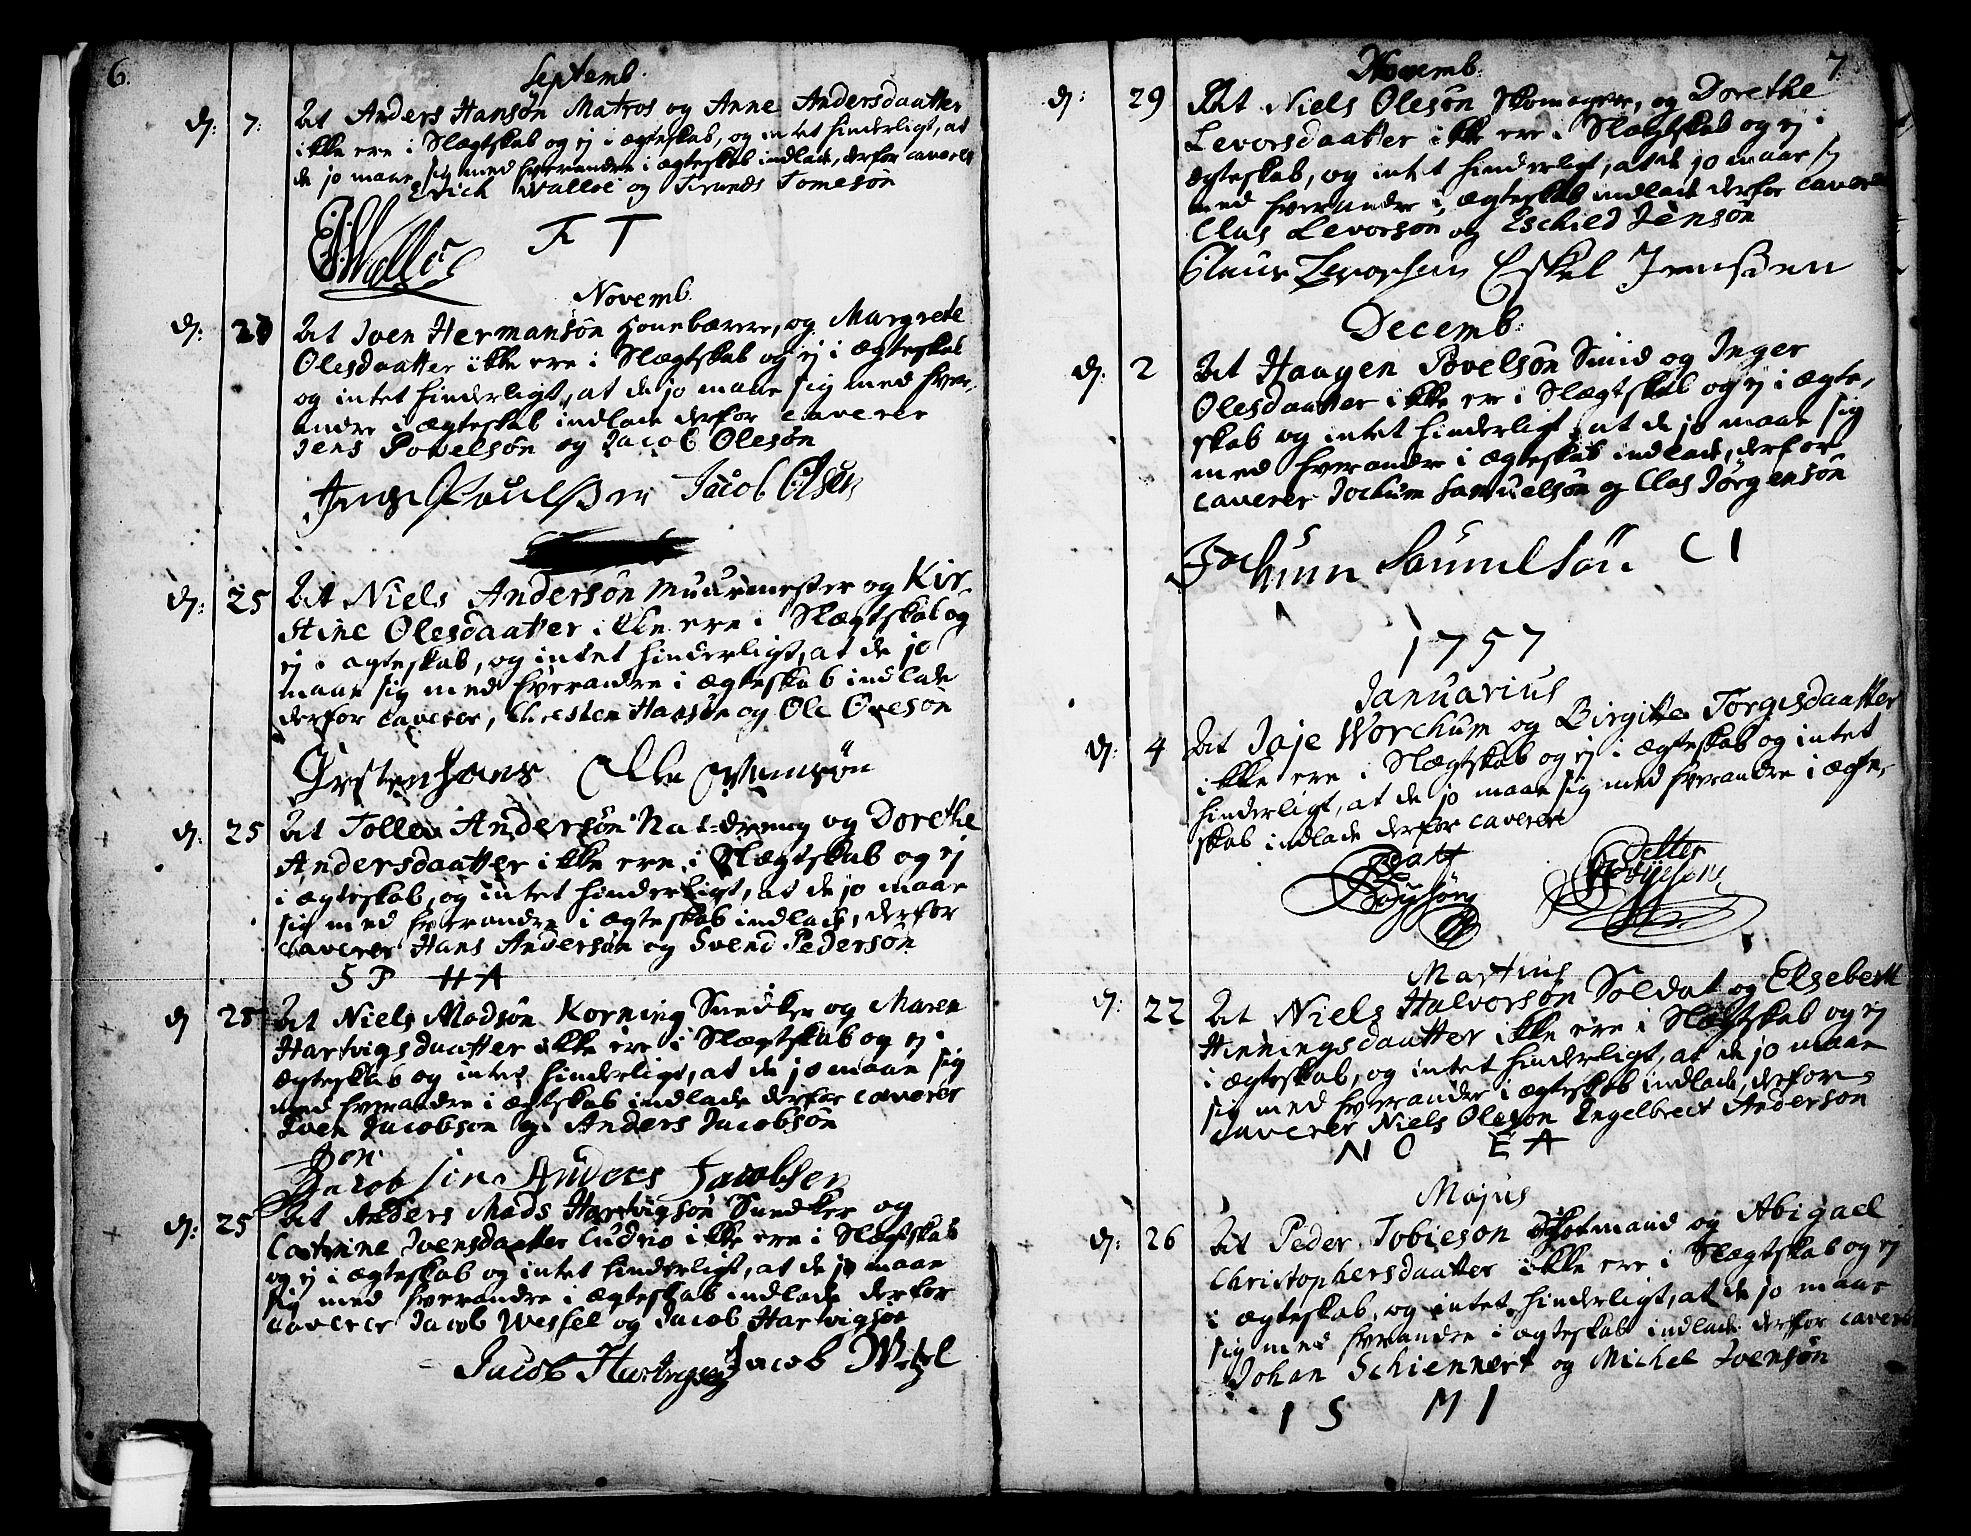 SAKO, Skien kirkebøker, F/Fa/L0003: Ministerialbok nr. 3, 1755-1791, s. 6-7